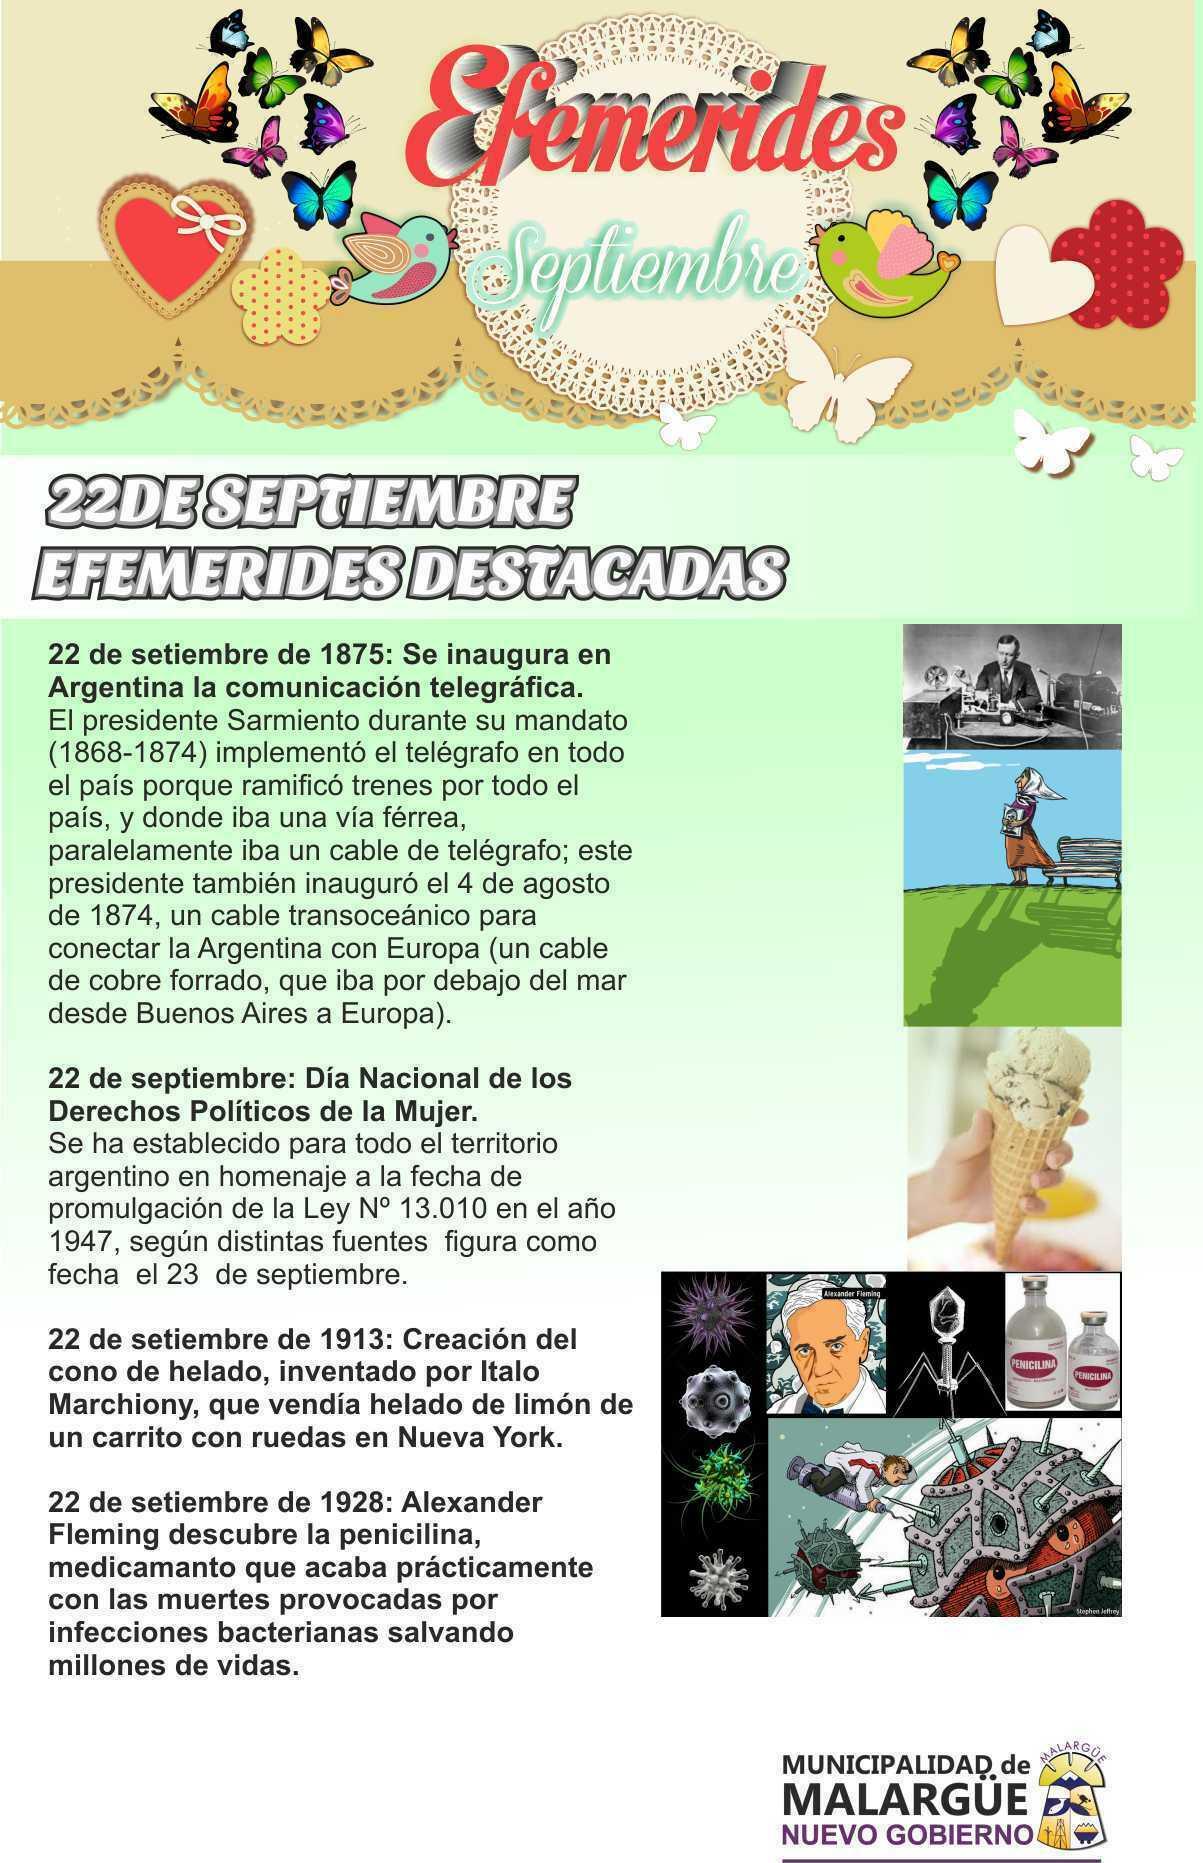 Efemérides 22 de Septiembre